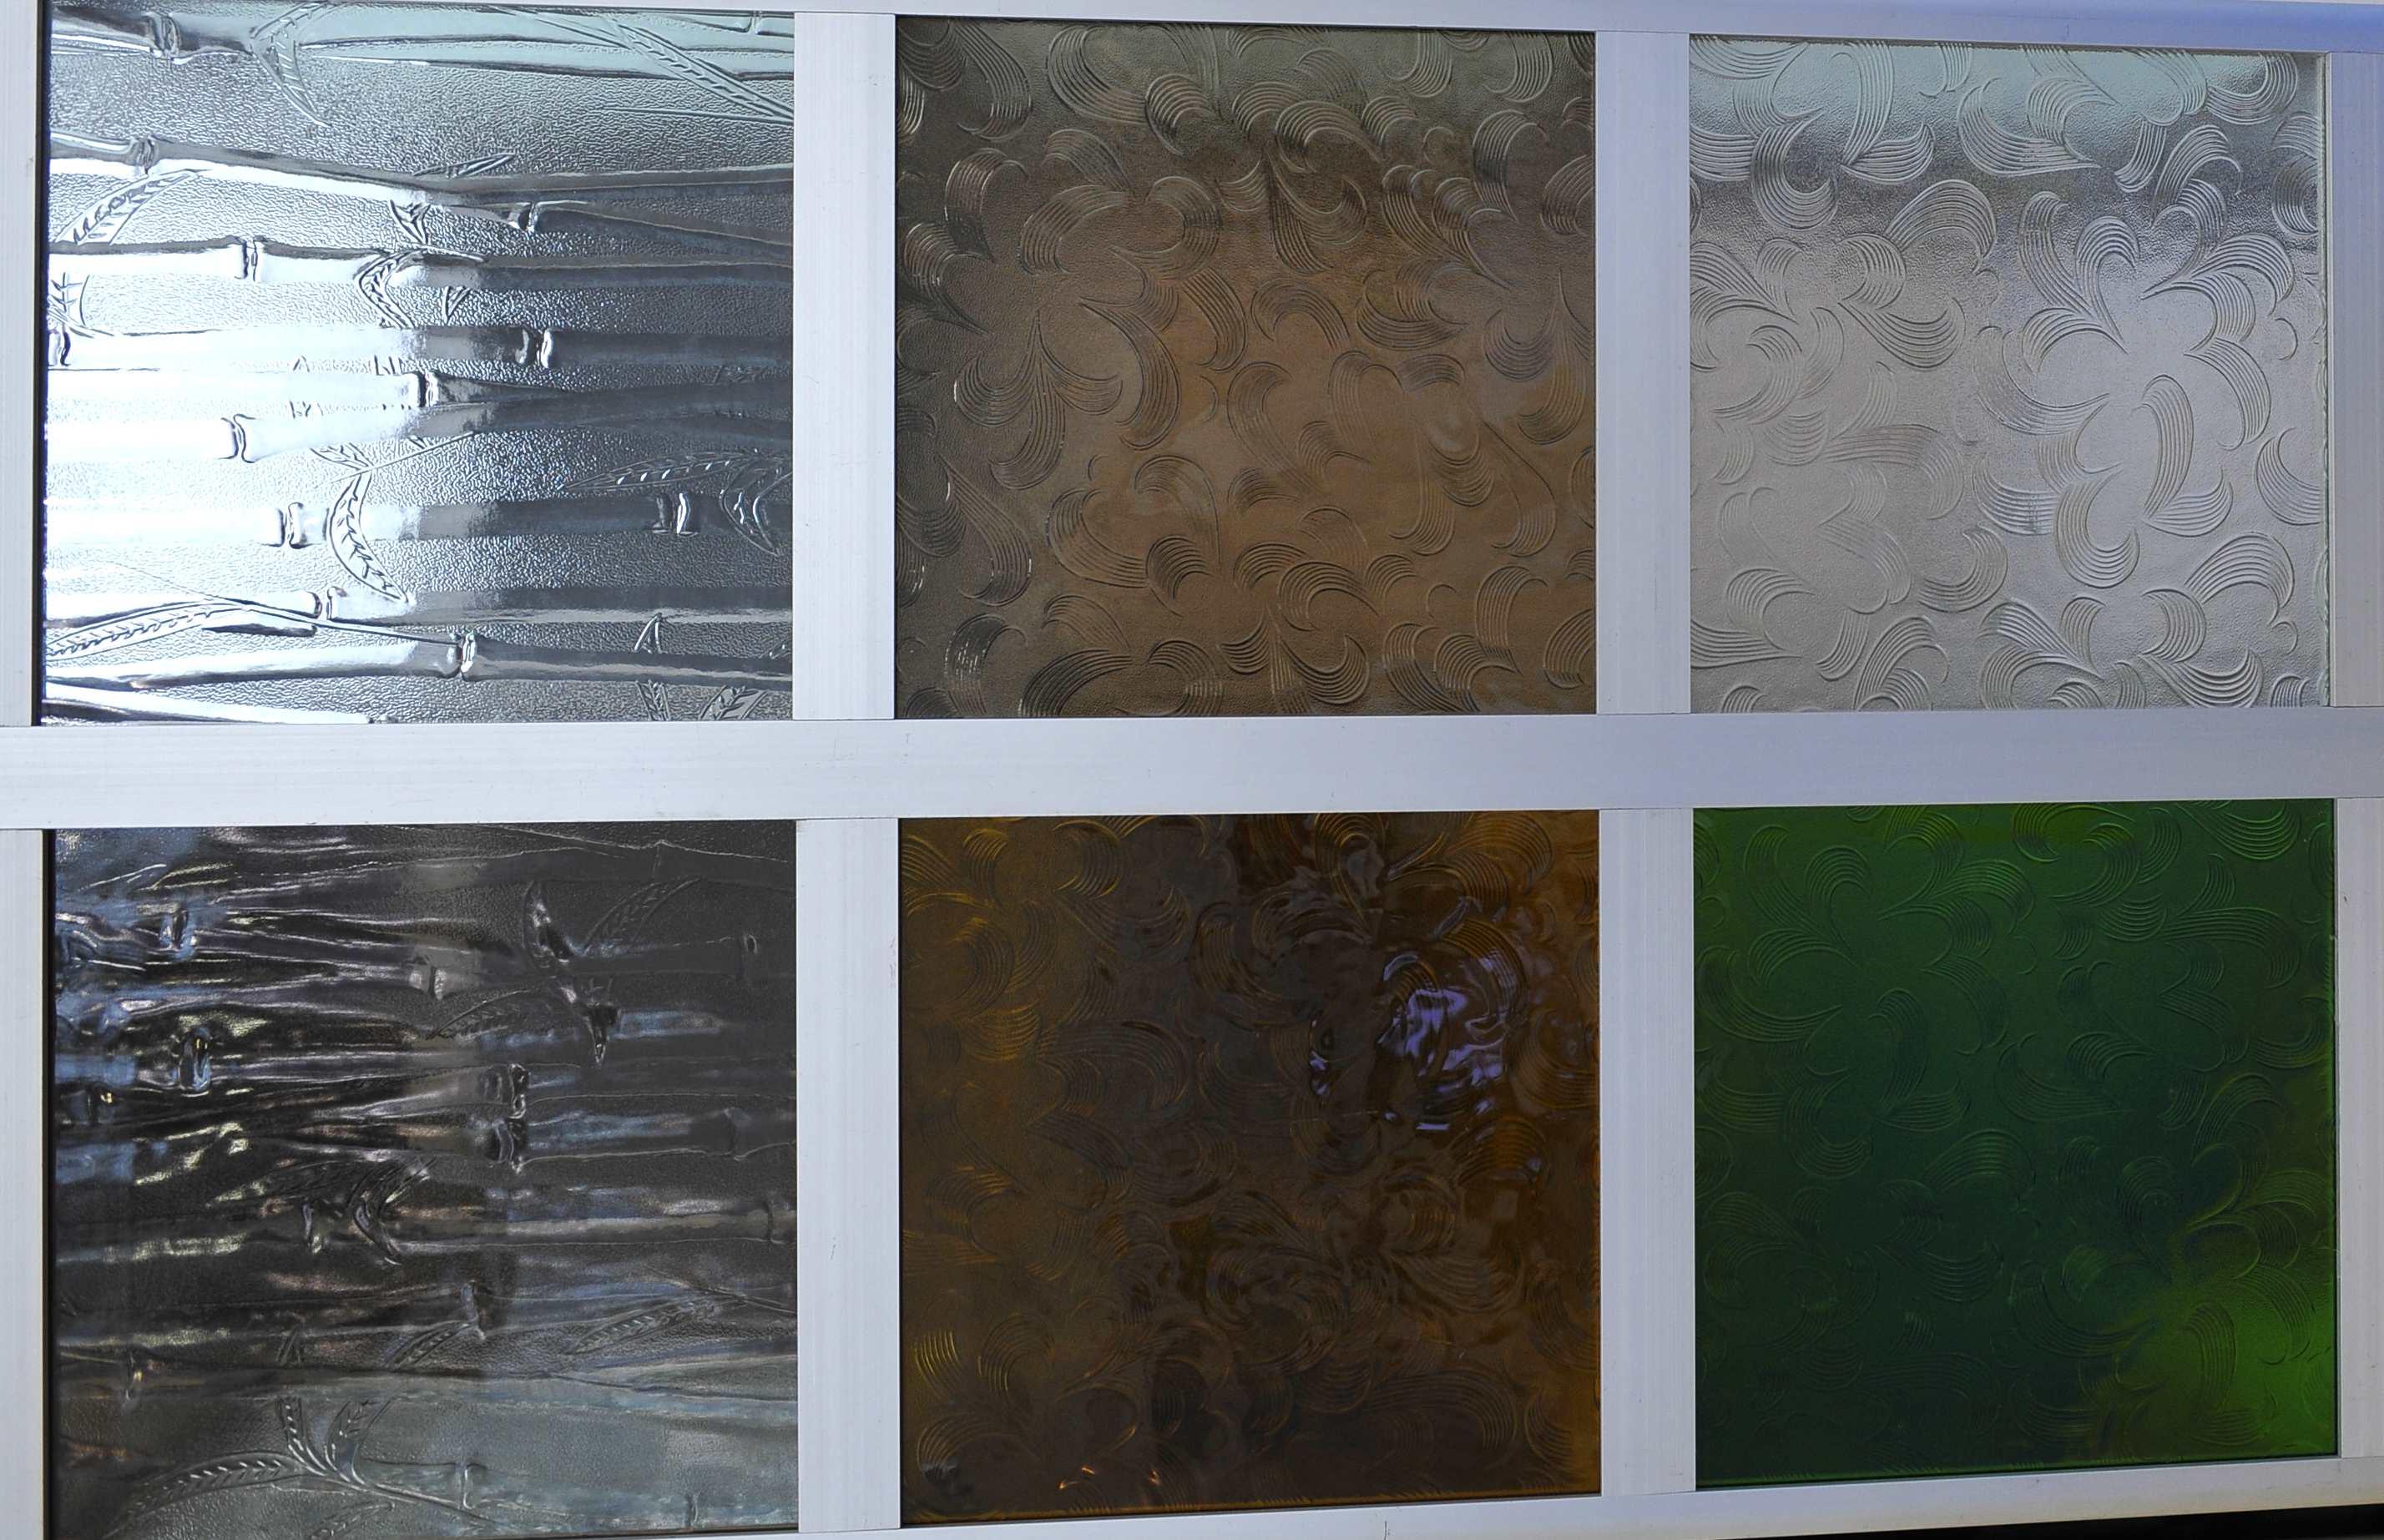 дверные стекла виды обработки стекол поправлю: снизился напор